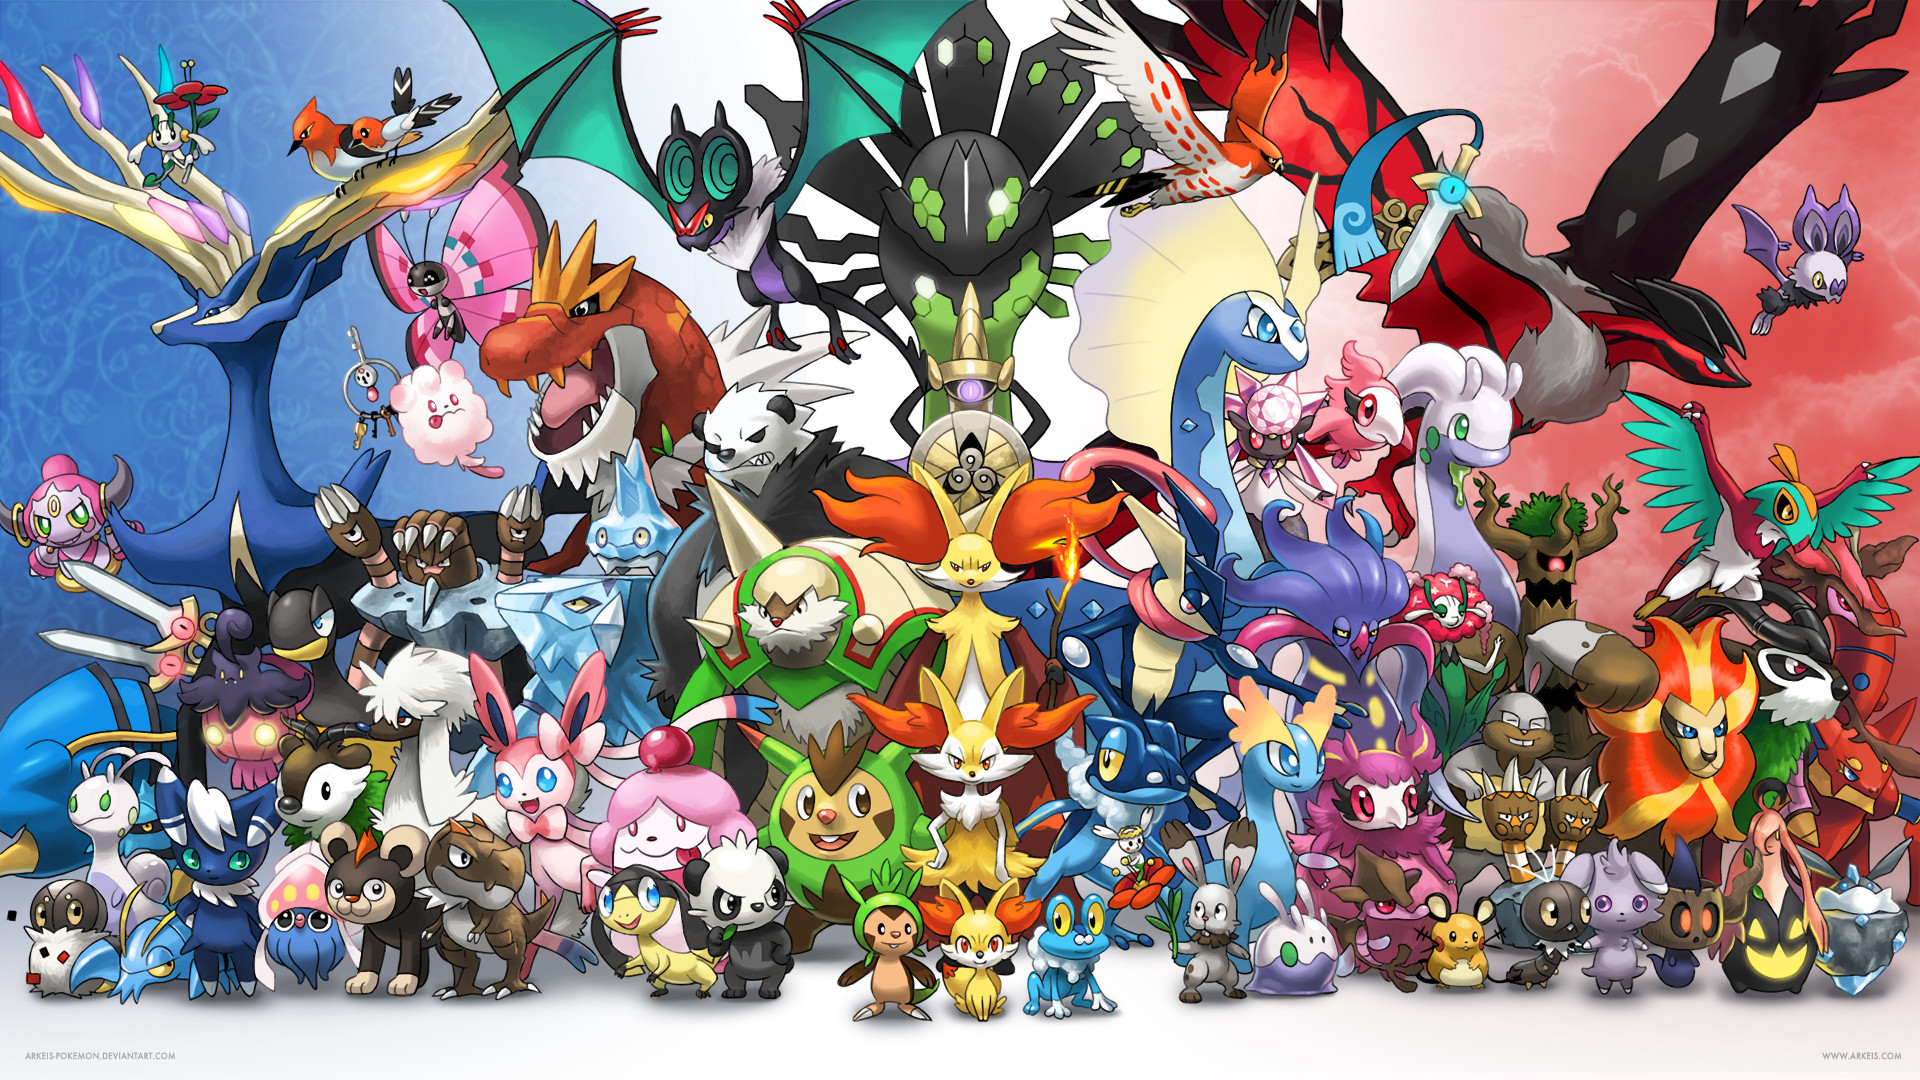 All Legendary Pokemon Wallpaper 79 images 1920x1080